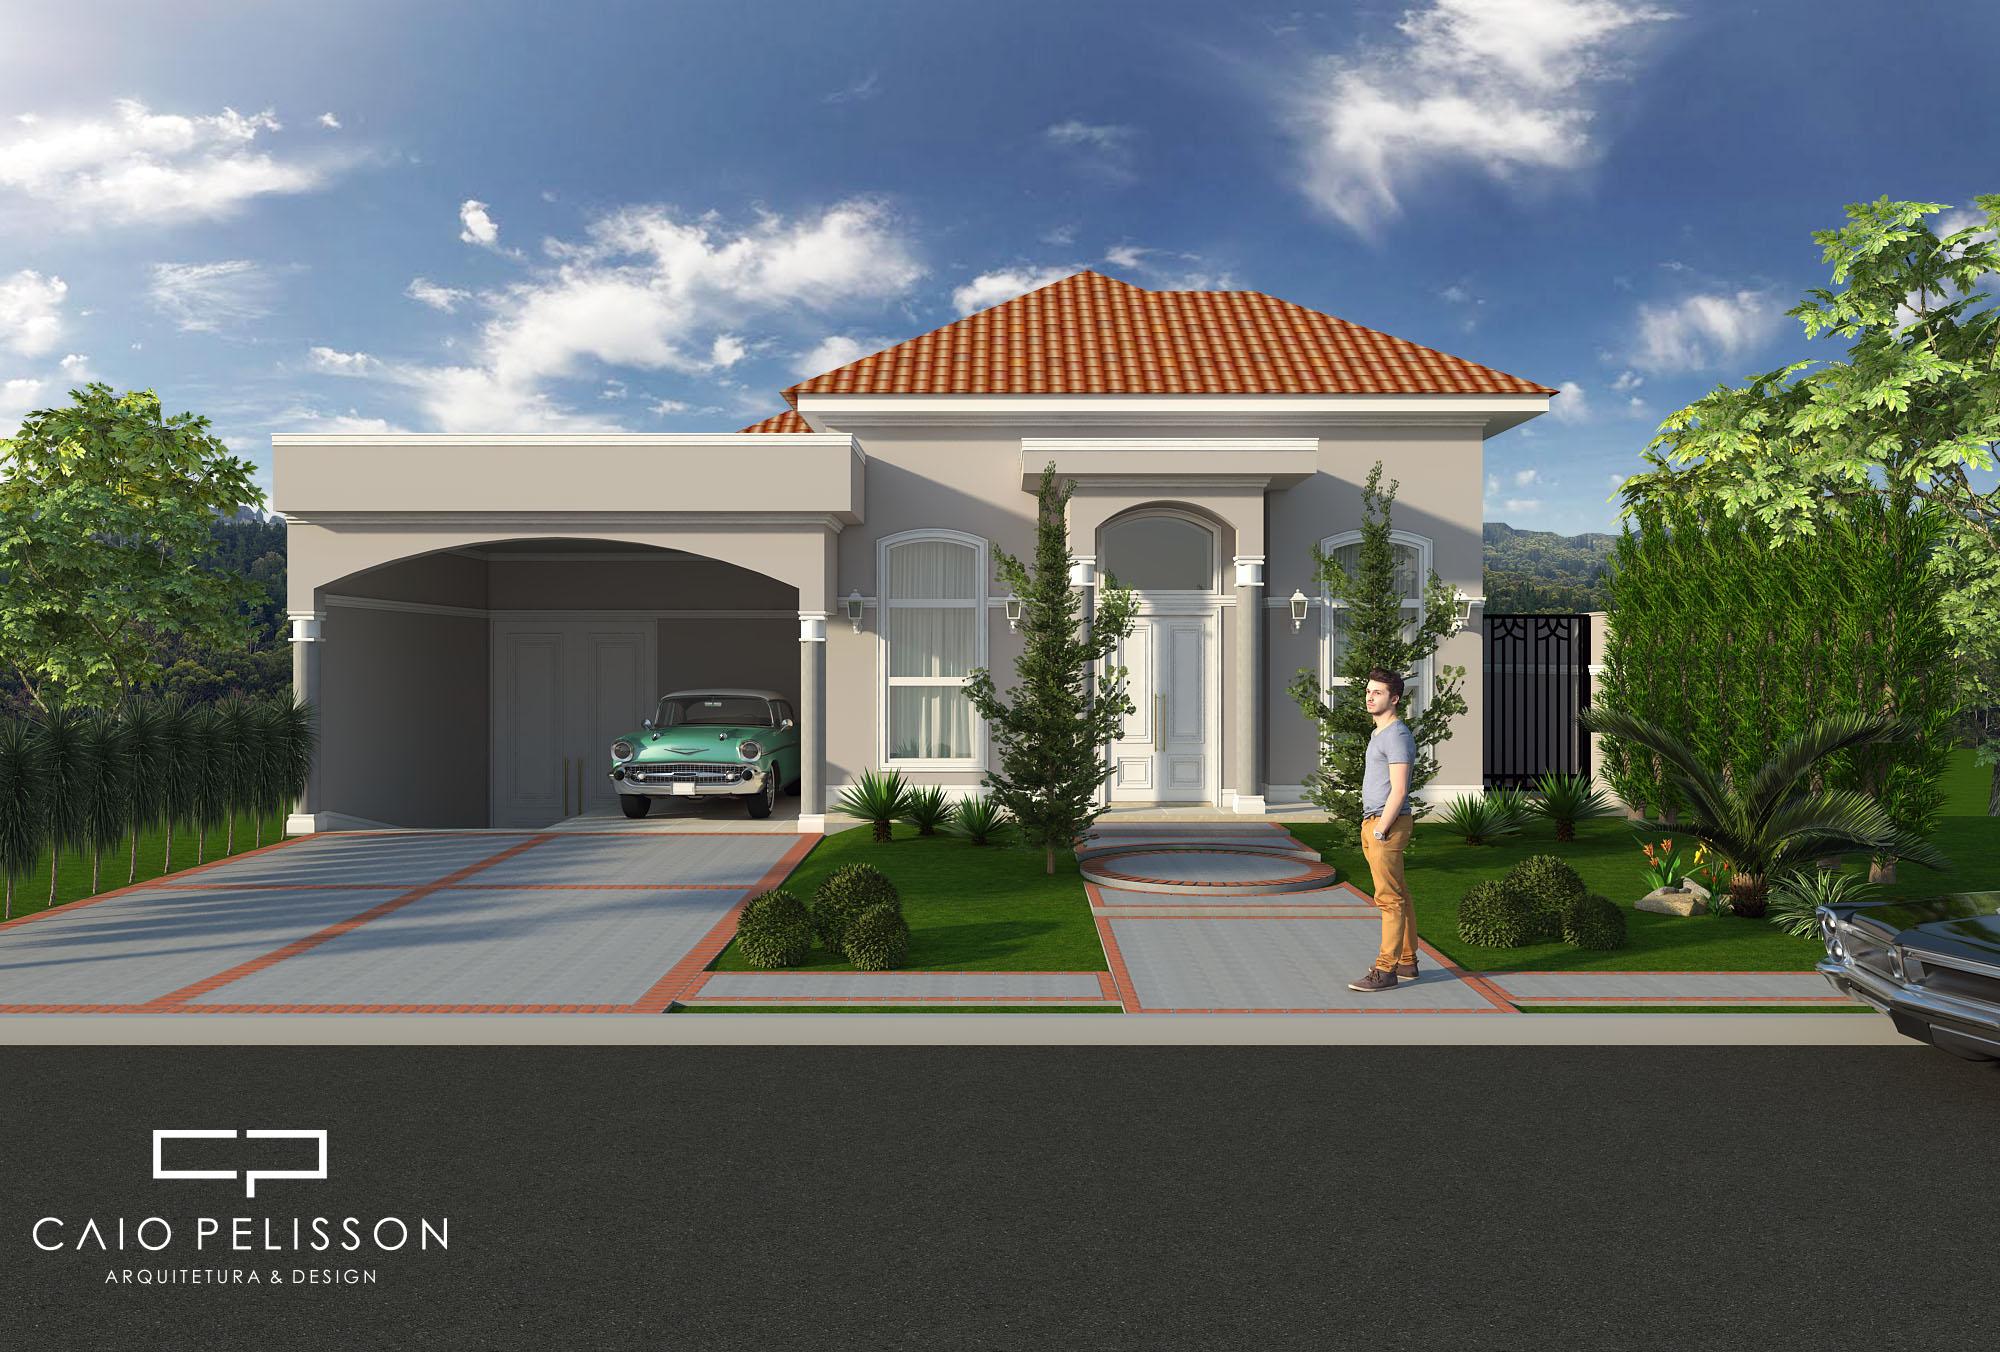 Projeto casa neoclassica estilo americano telhado aparente for Casa moderna americana